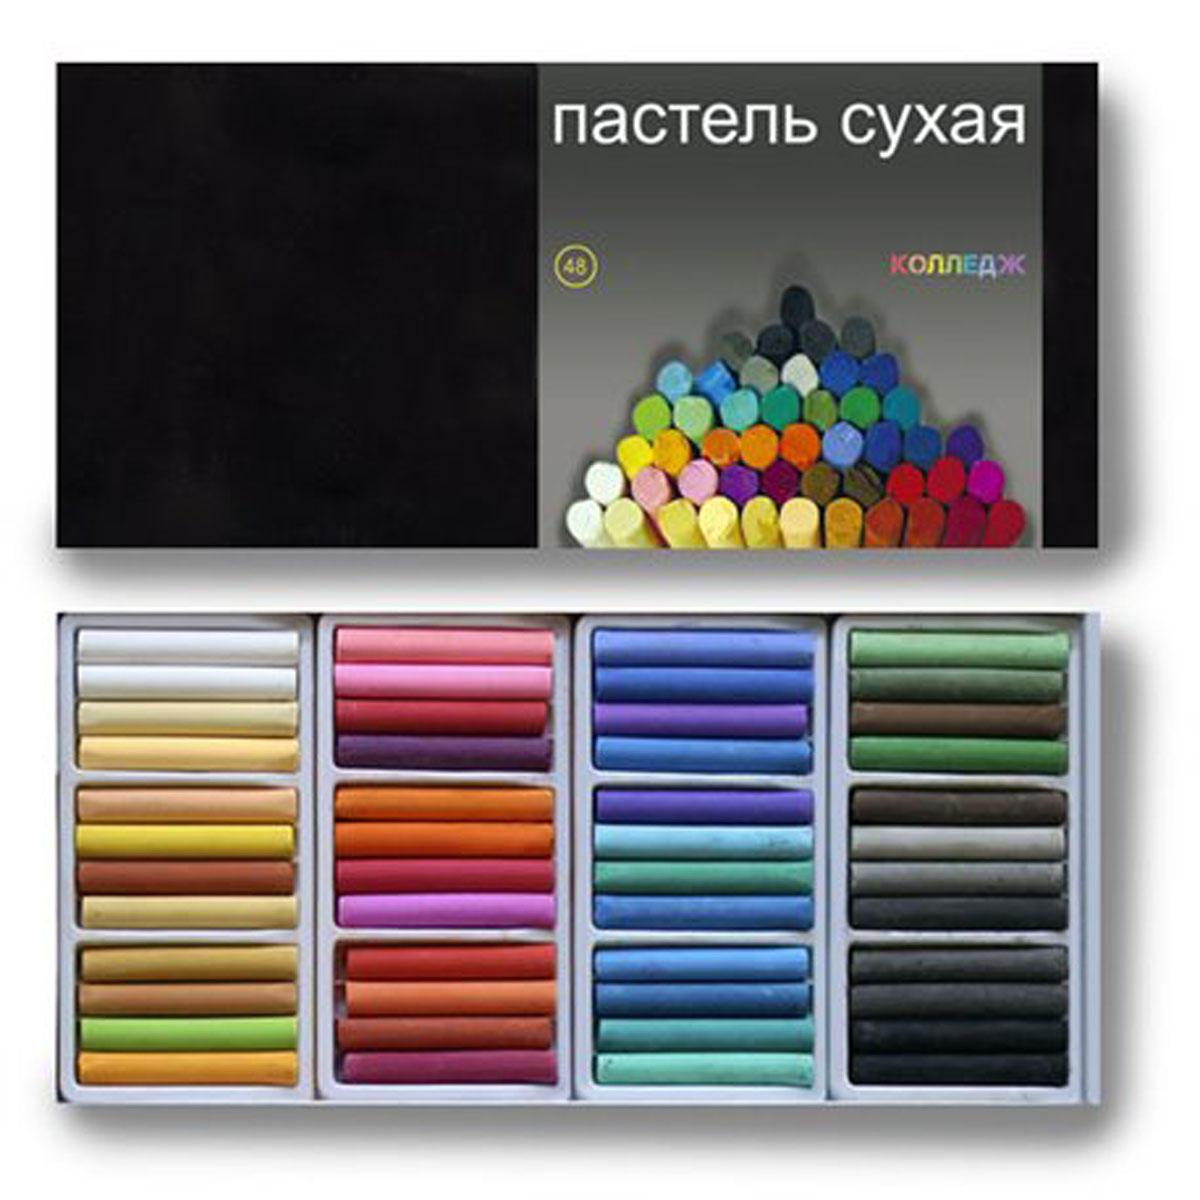 Пастель Черная речка, сухая, 48 цветовК-1181-048Высококачественная сухая пастель Черная речка предназначена для школьников, студентов.Идеально подходит для живописных и графических работ (предпочтительно использование на шероховатых, фактурных поверхностях), может использоваться в смешанных техниках, в декупаже, на модельных массах. Рисунок пастелью не выгорает, не темнеет, не тускнеет, не трескается со временем, но требует защиты от прикосновений - с помощью лака-фиксатива и стекла. В комплекте 48 цветов.